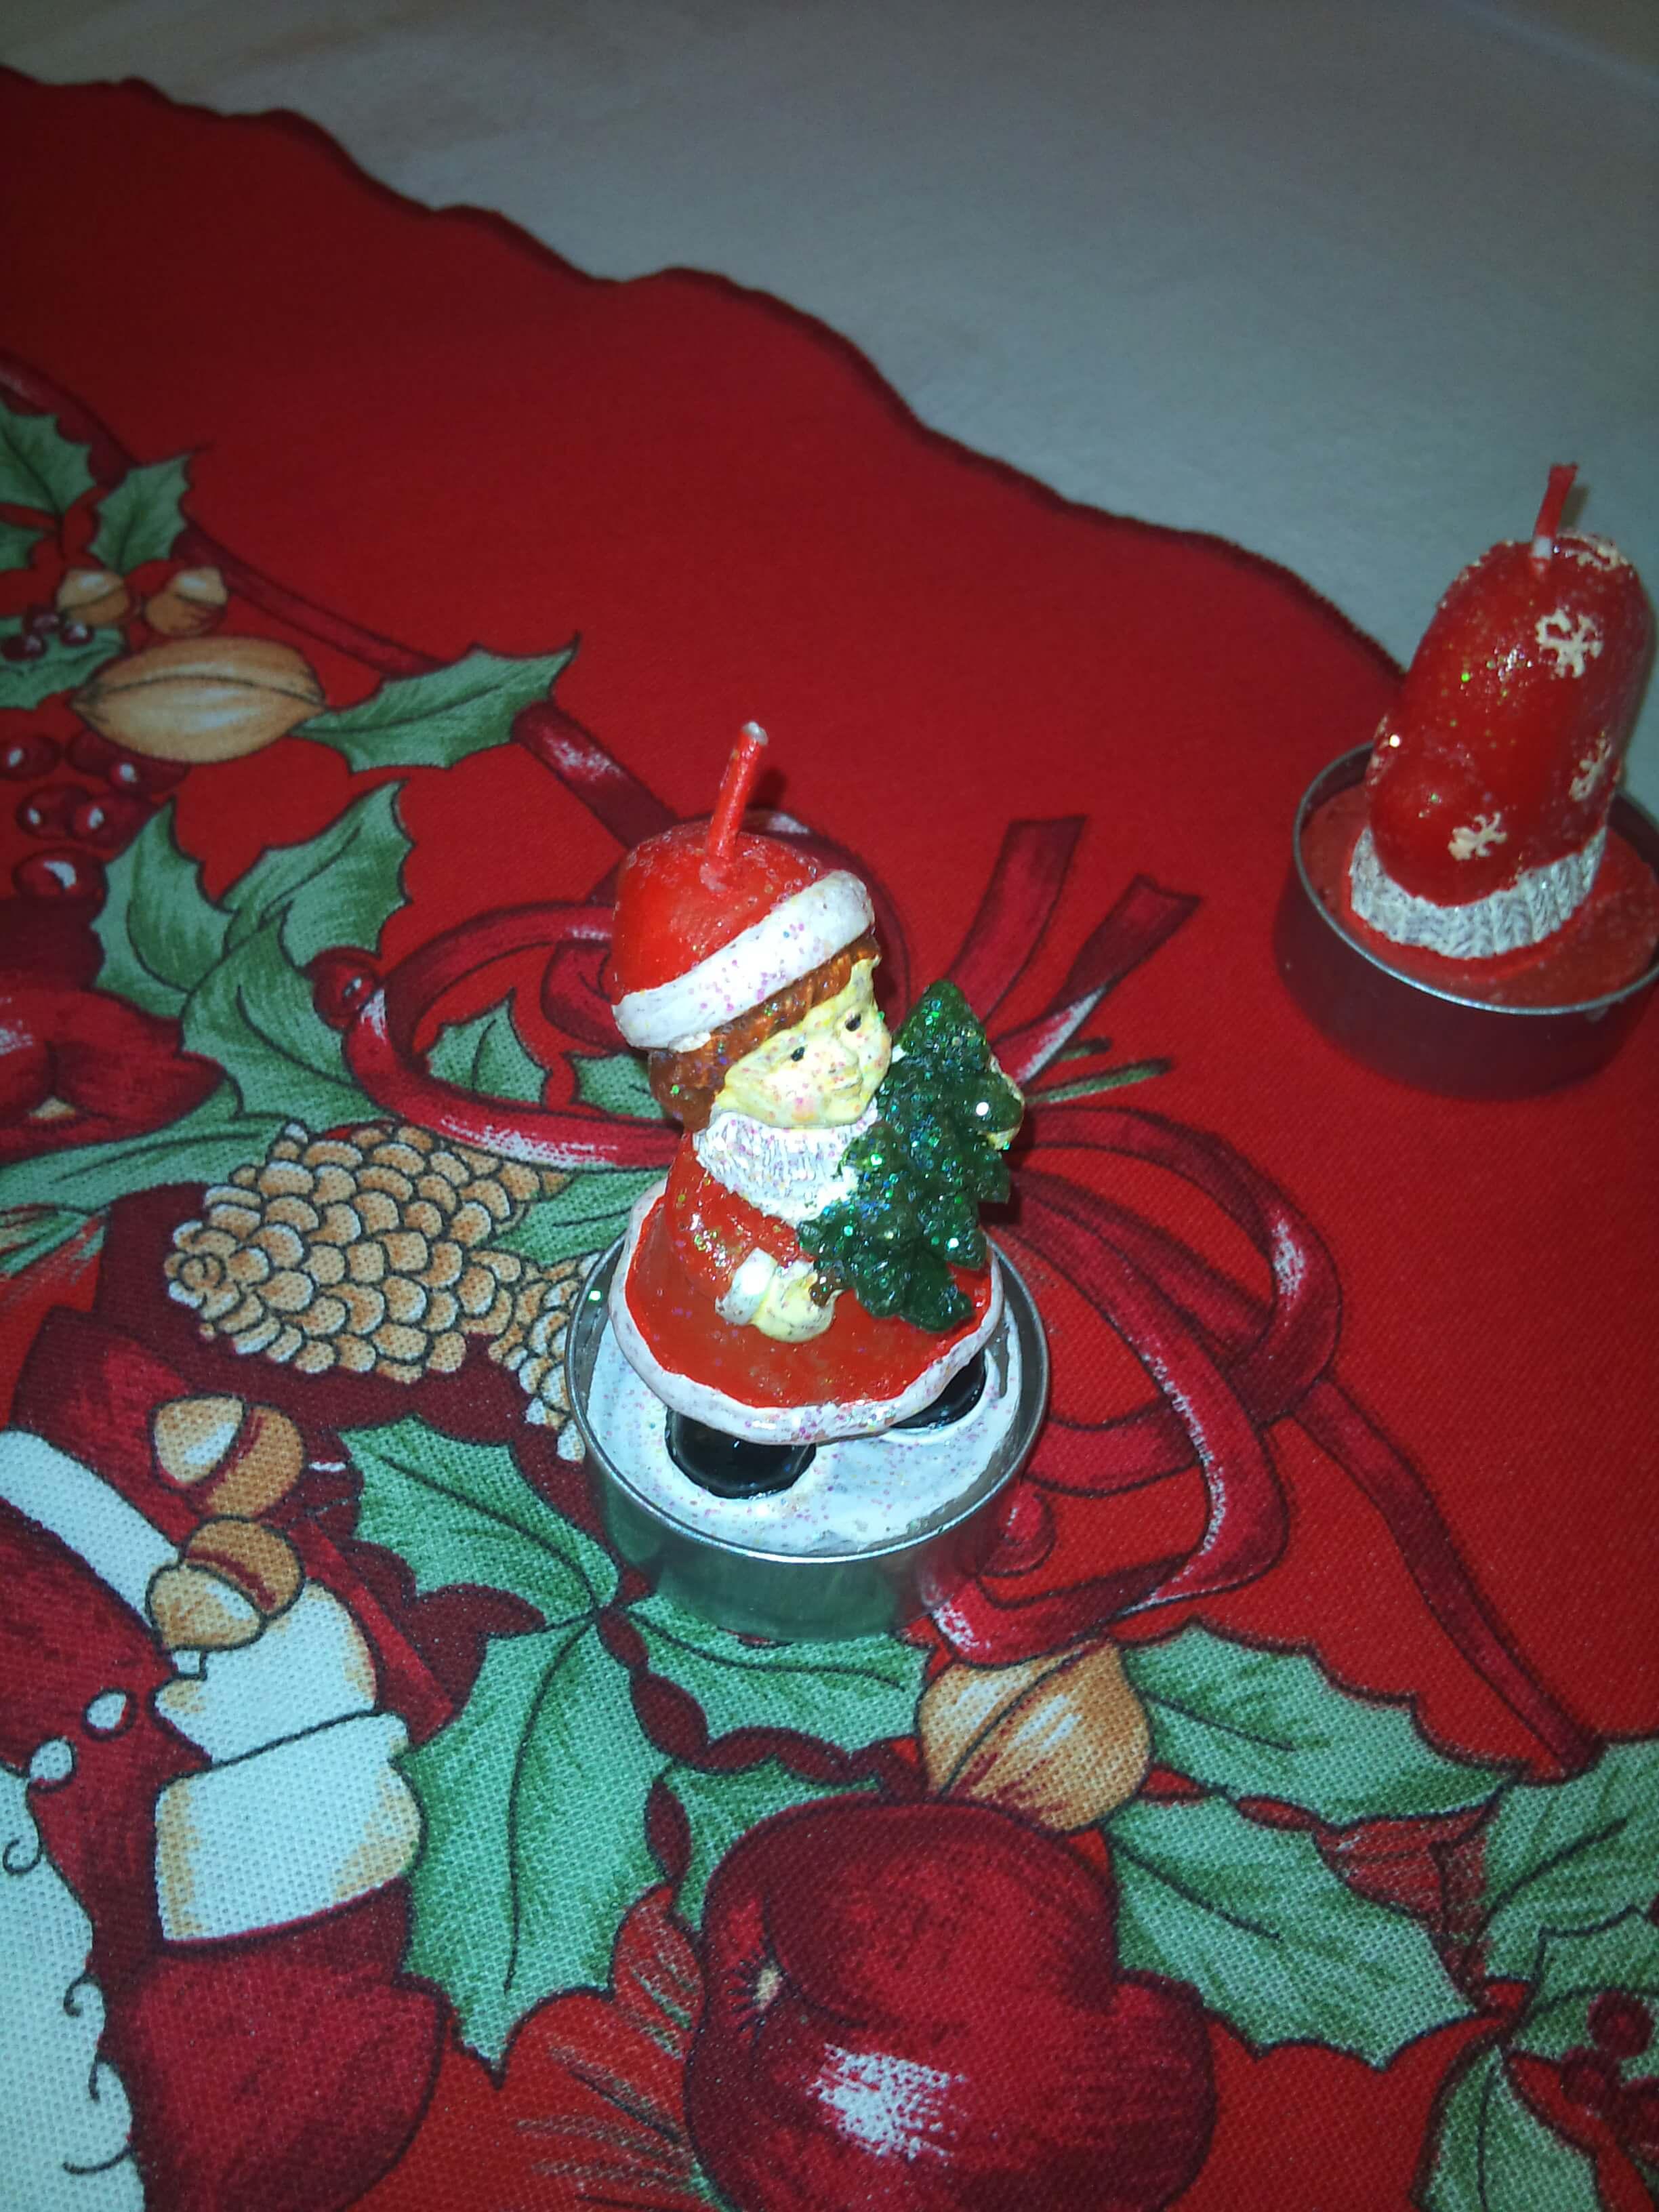 Weihnachtstischdecke (c) familienfreund.de